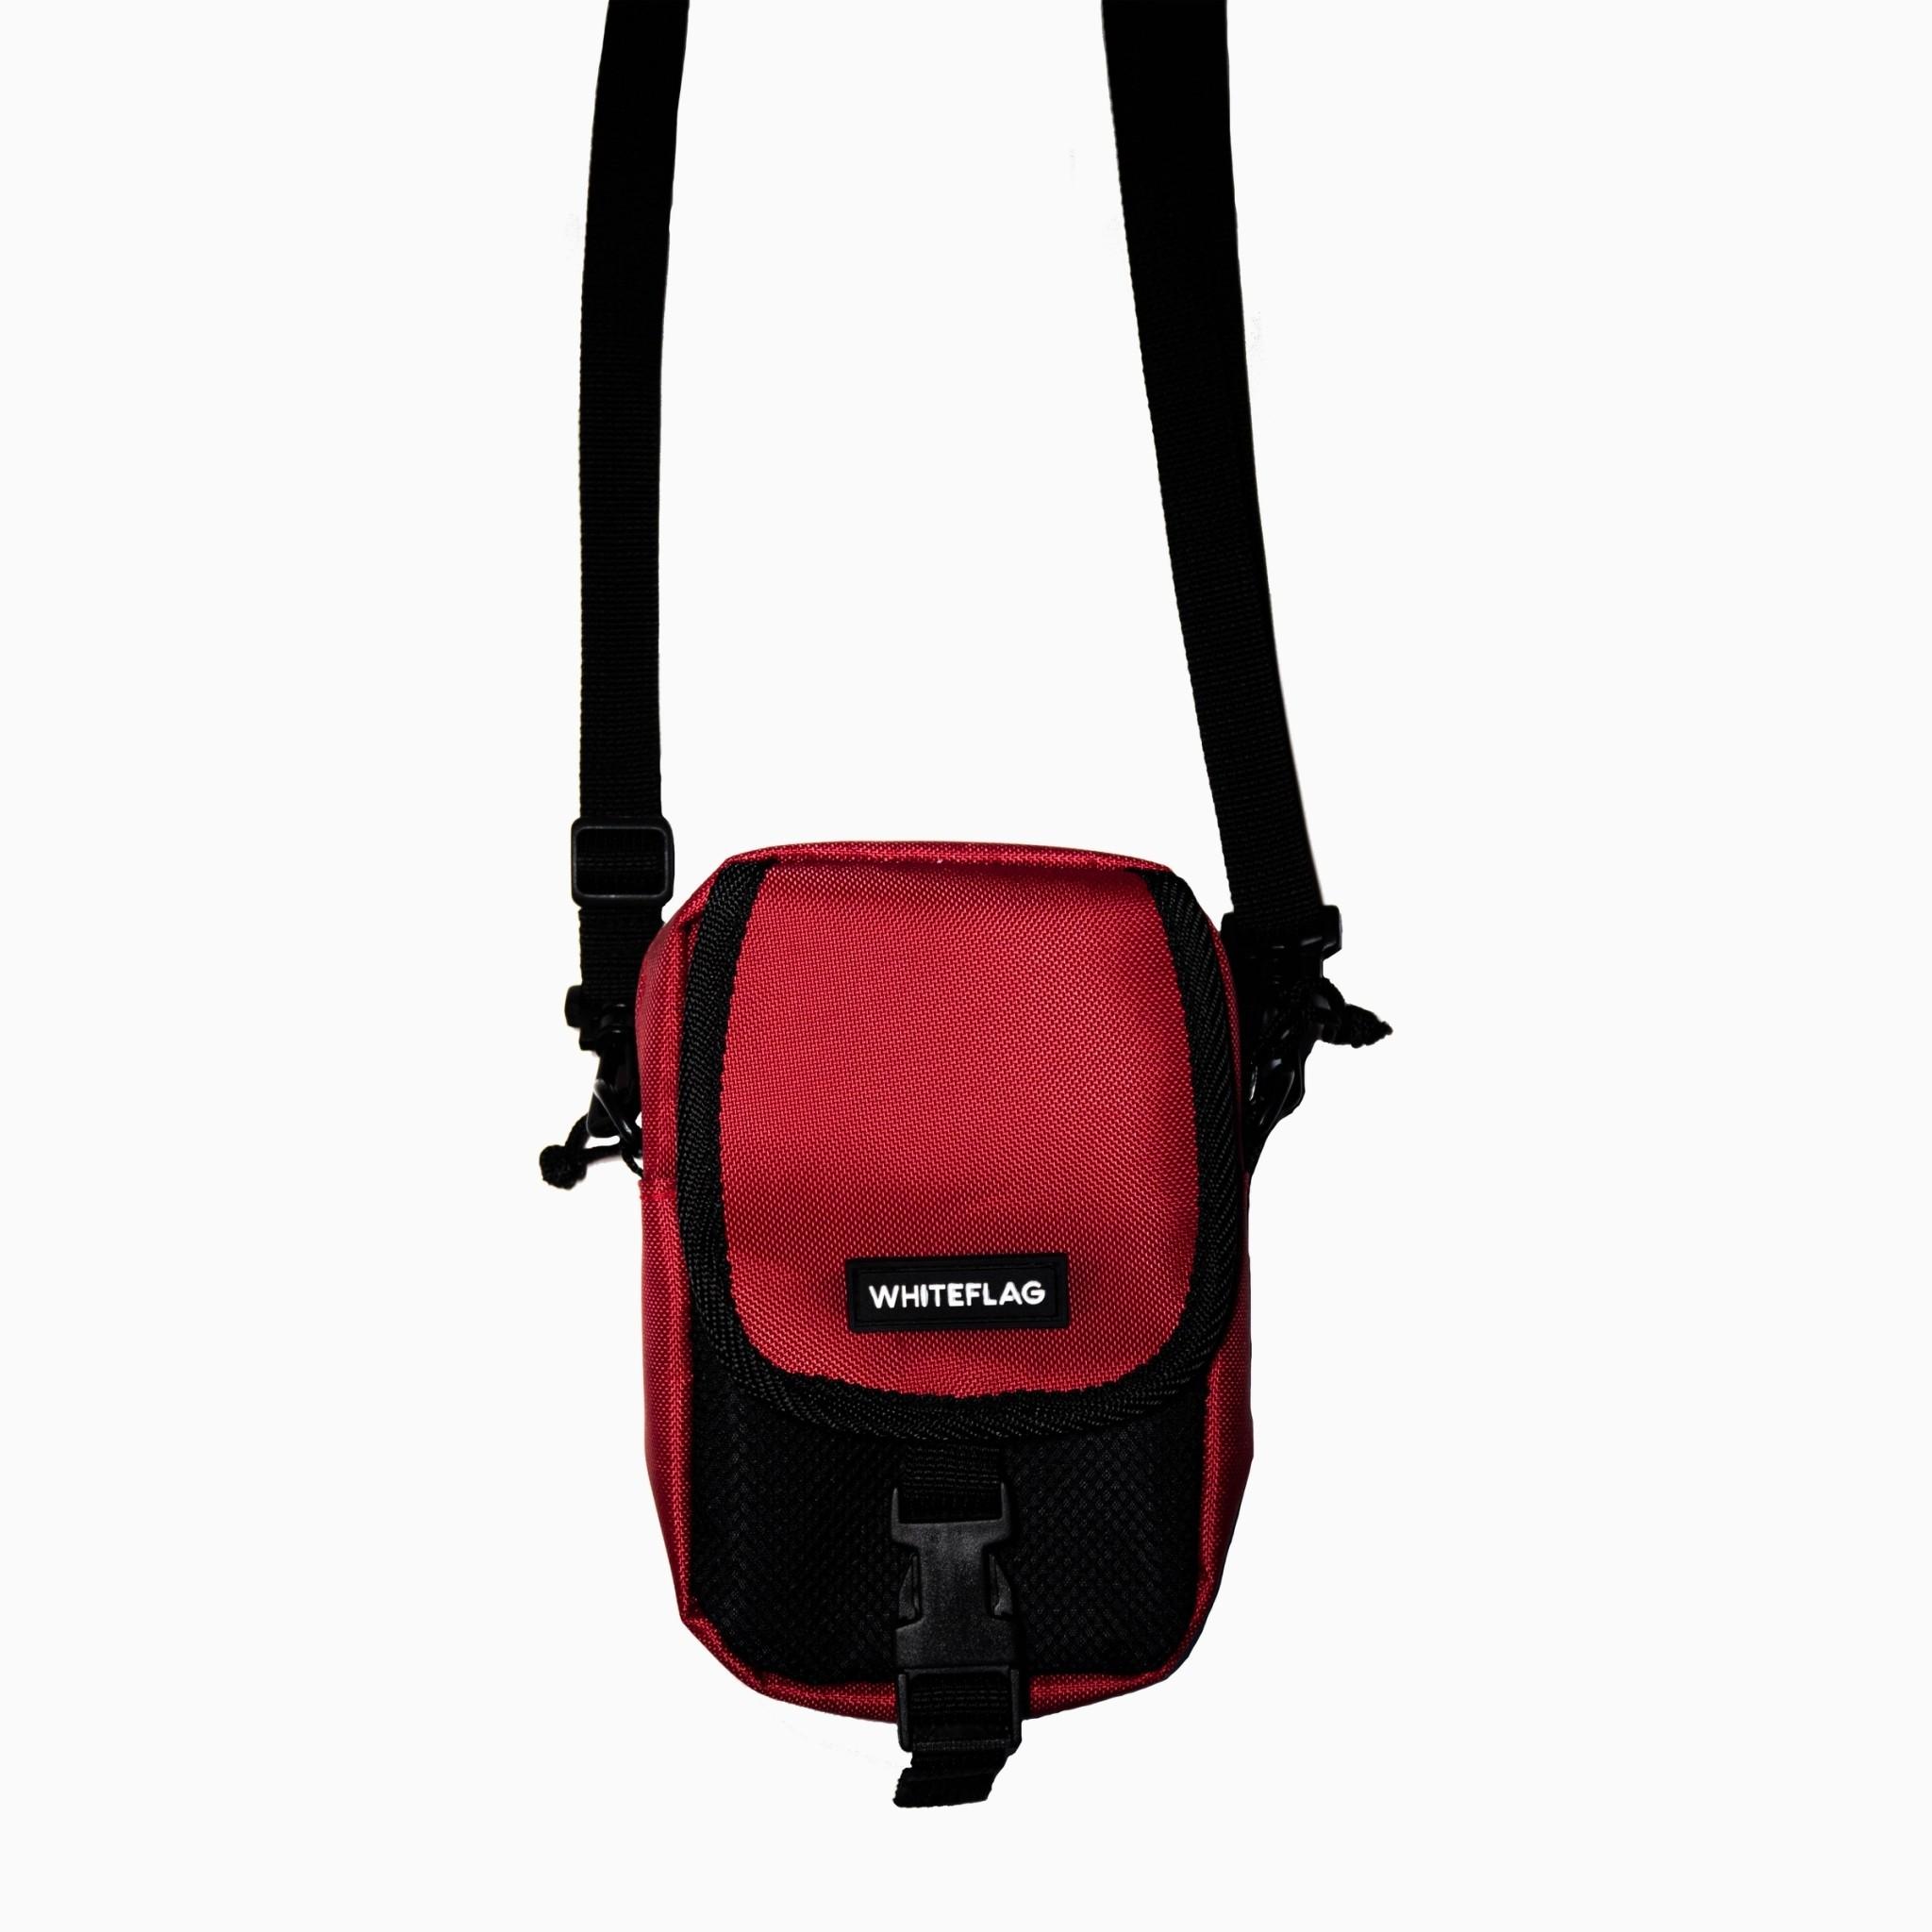 WHITEFLAG MULTI-FUNCTION BAG RED